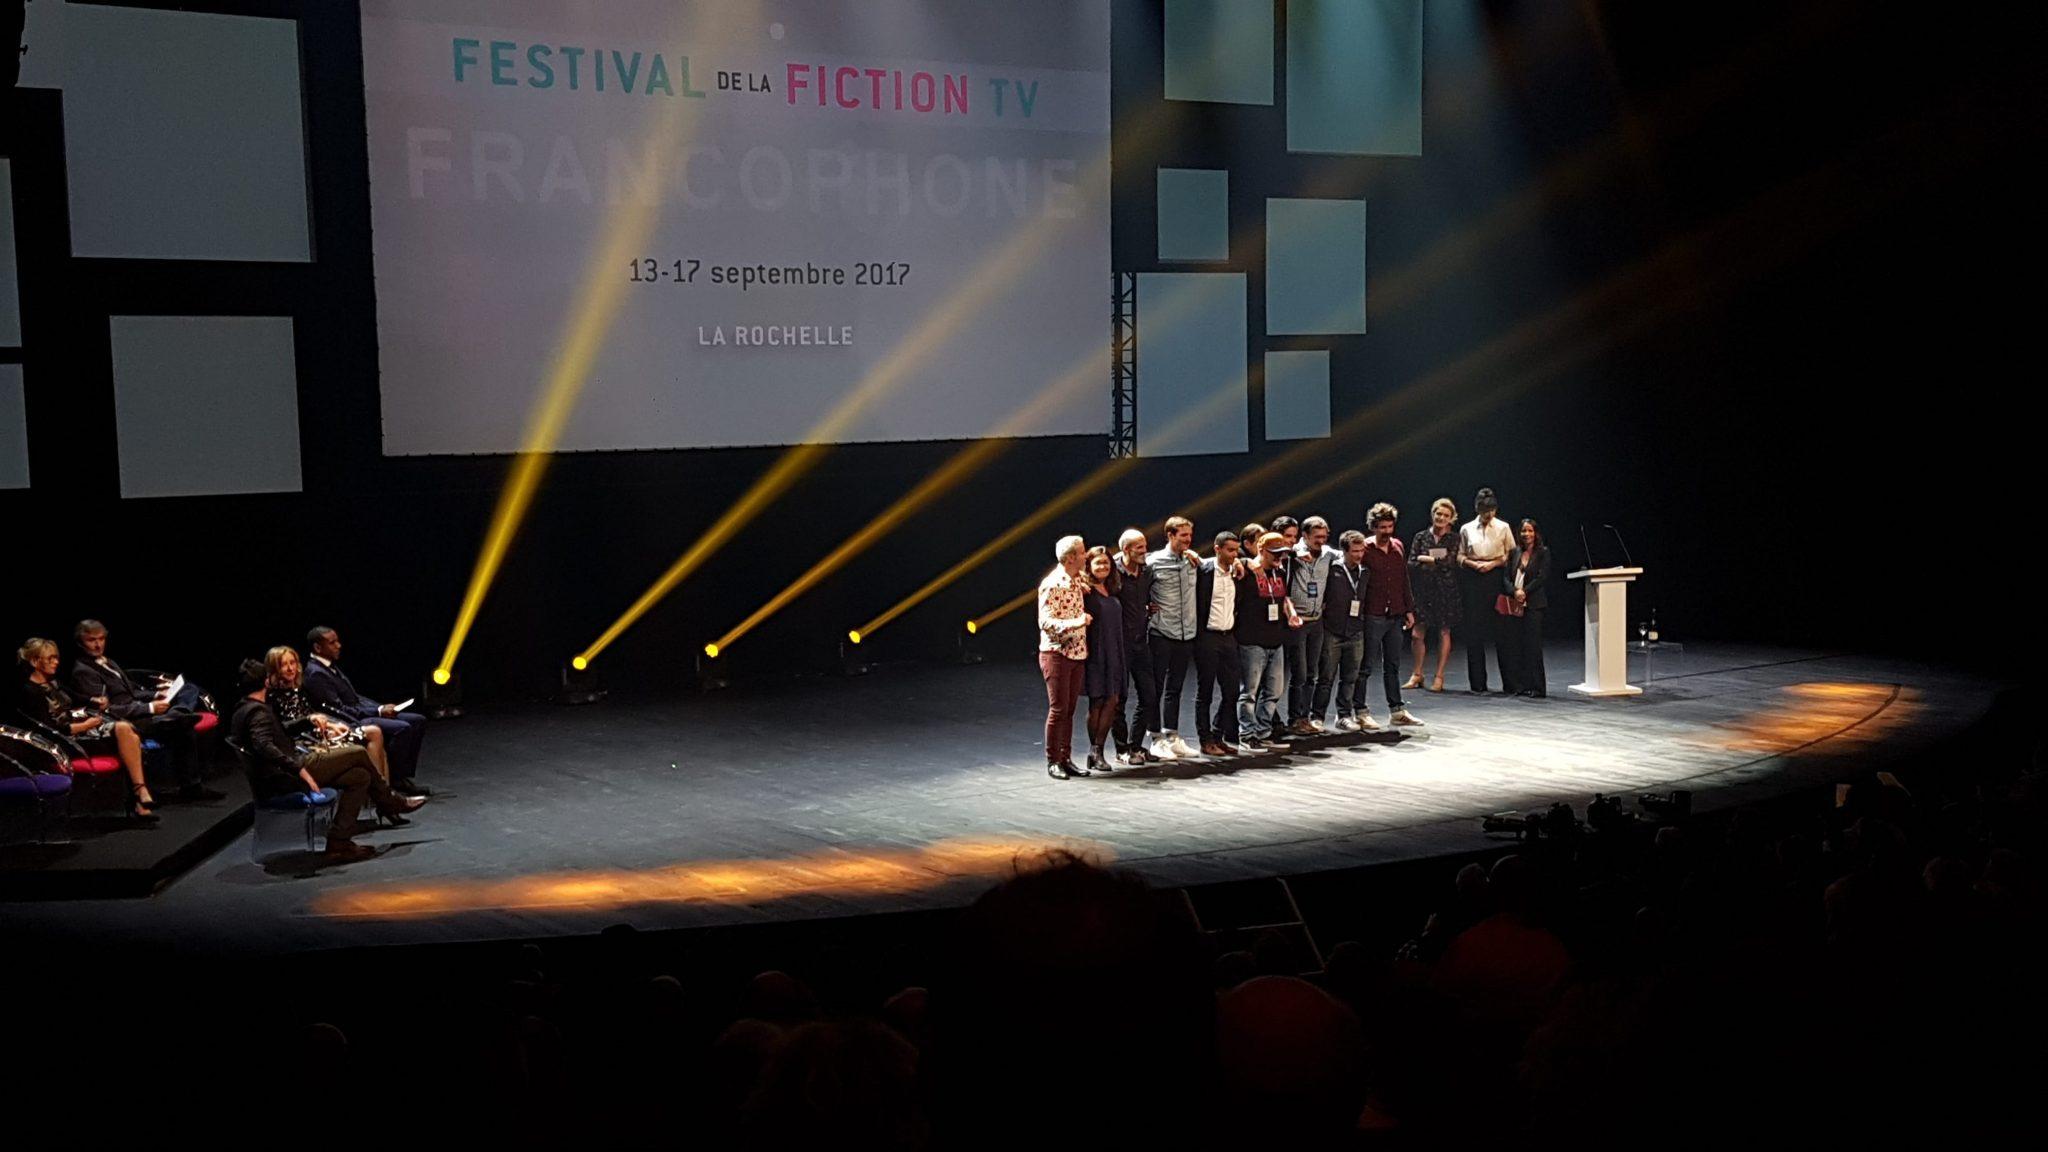 festival de la fiction tv de la rochelle 2017 image Les Engagés